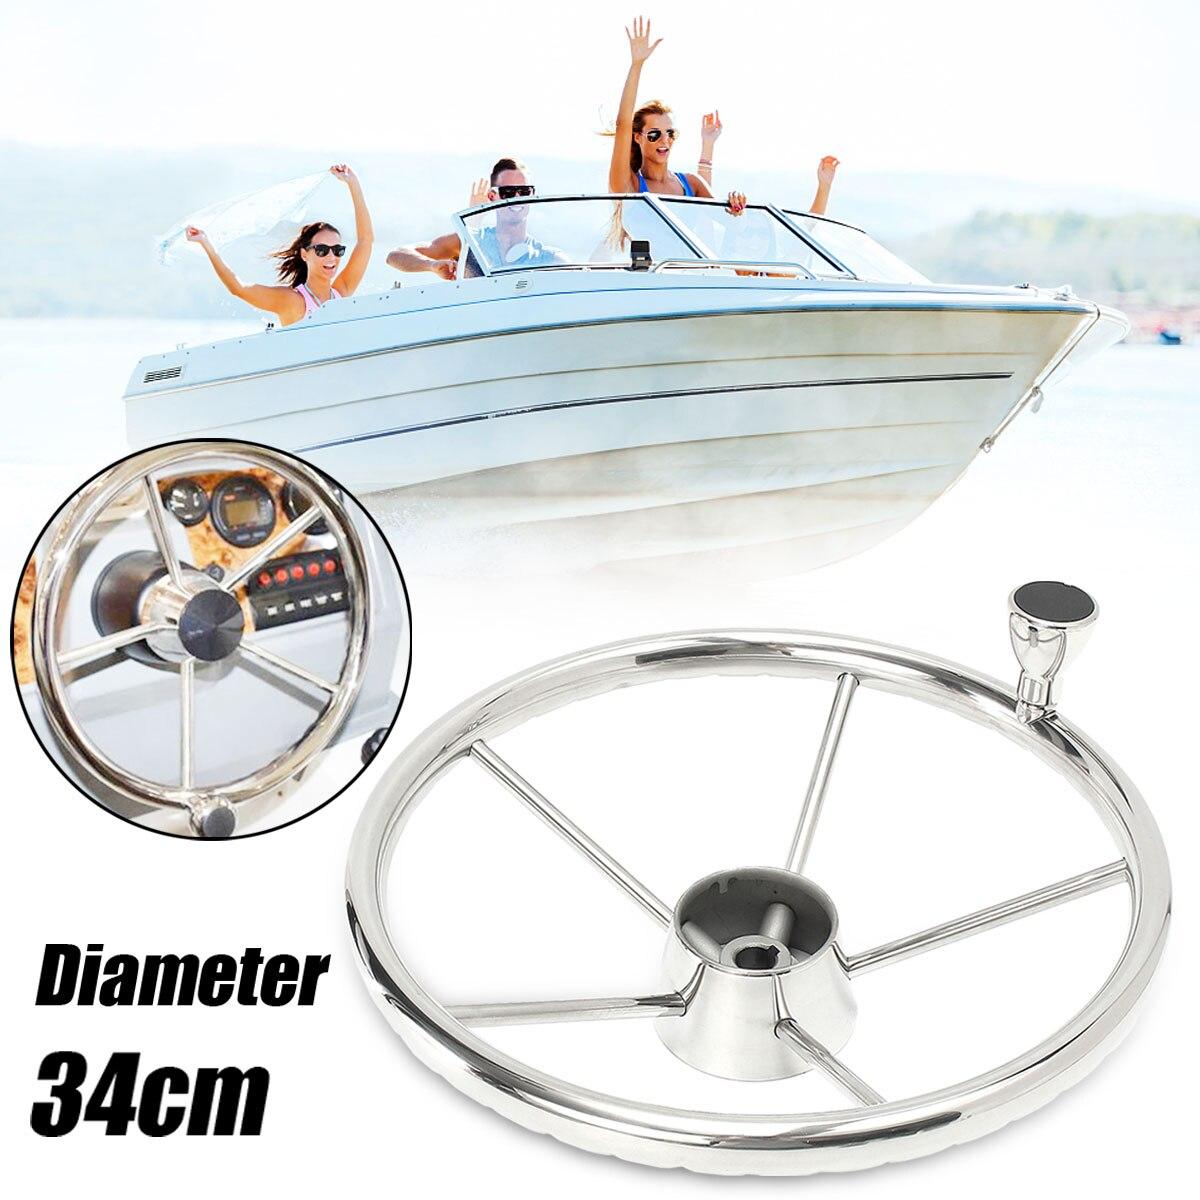 13.5 pouces bateau volant 316 en acier inoxydable 25 degrés Marine Yacht avec bouton pratique matériel marin facile à installer